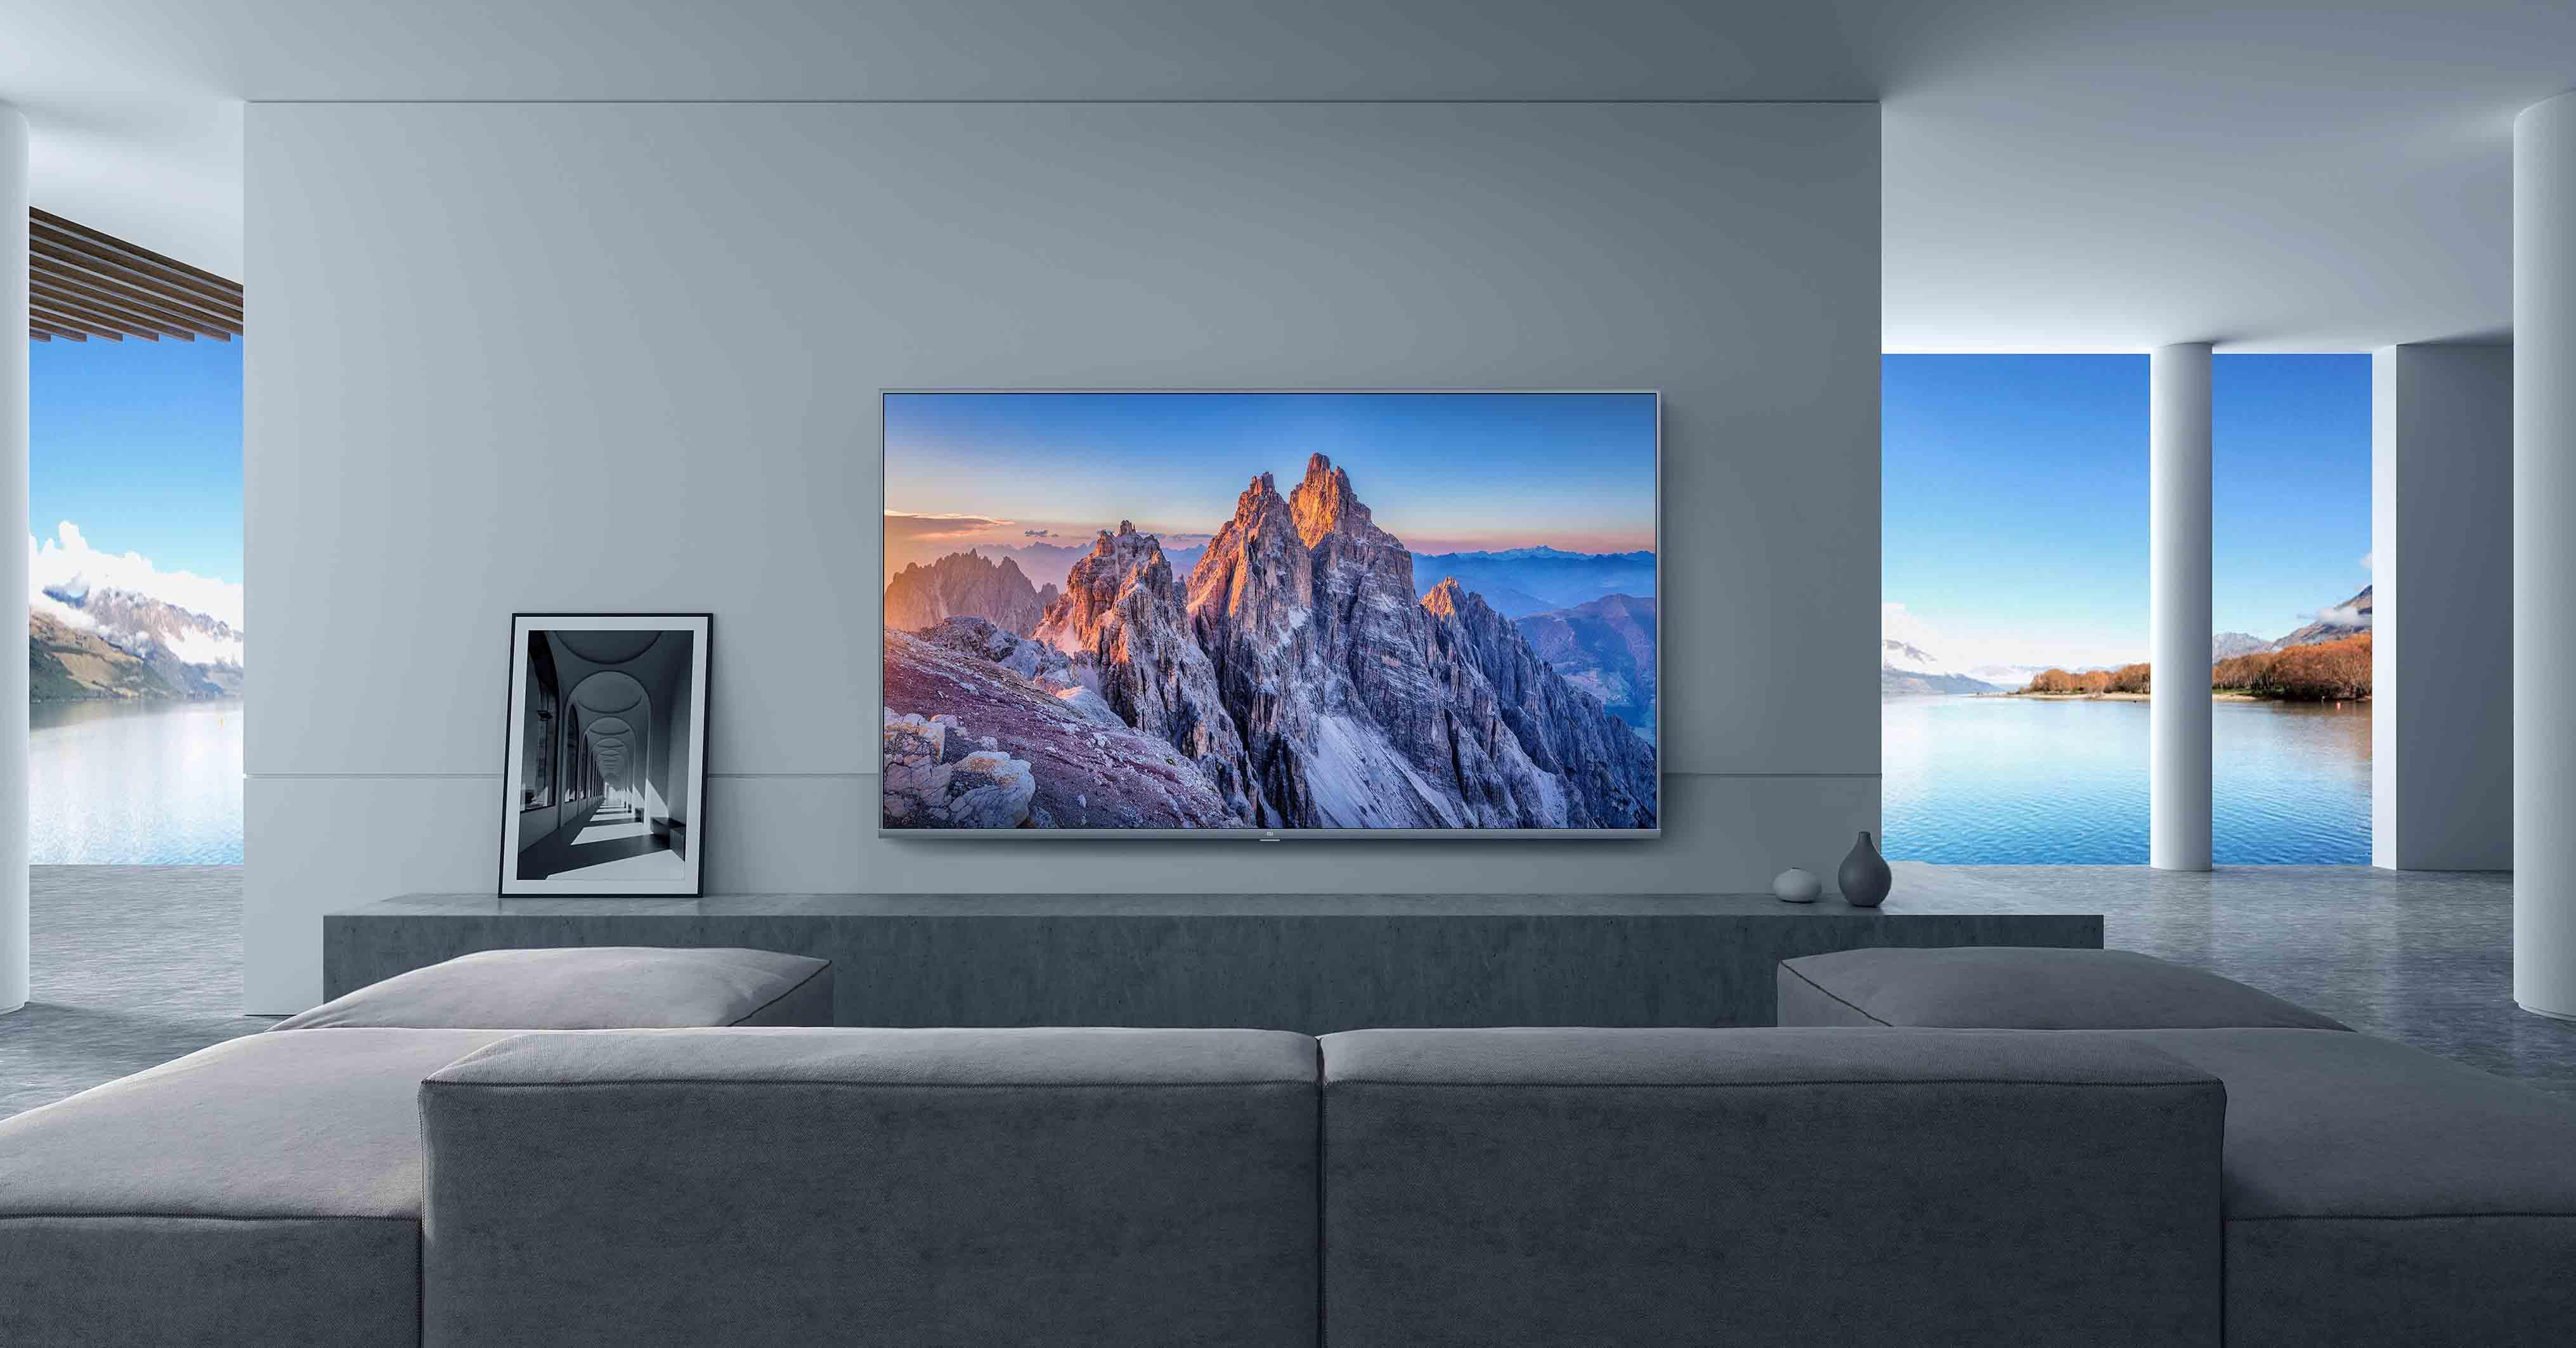 「小米電視65型」正式登台4大亮點搶先看!超大65吋、杜比喇叭,而且1萬7有找!